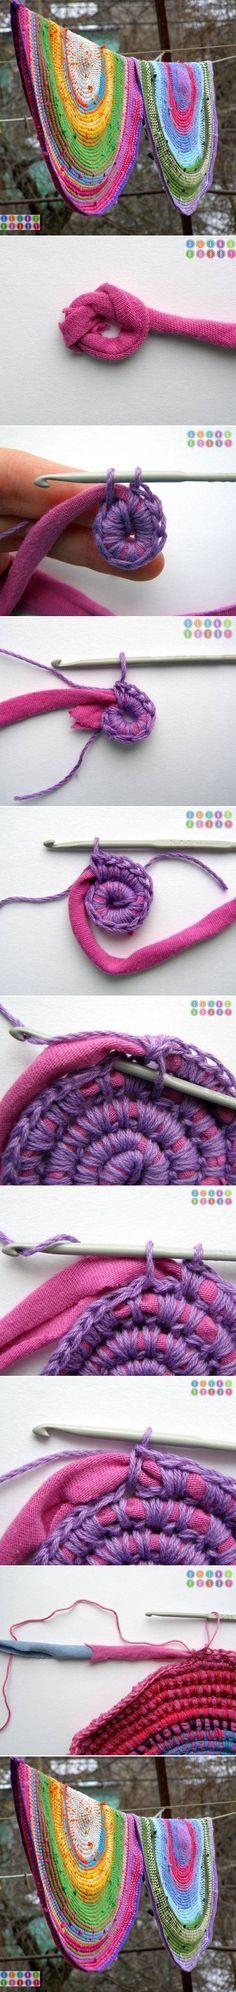 Aus Wolle und alten T-Shirts einen Teppich o. Untersetzer o. ä. häkeln - DIY Old T shirt Crochet Rug